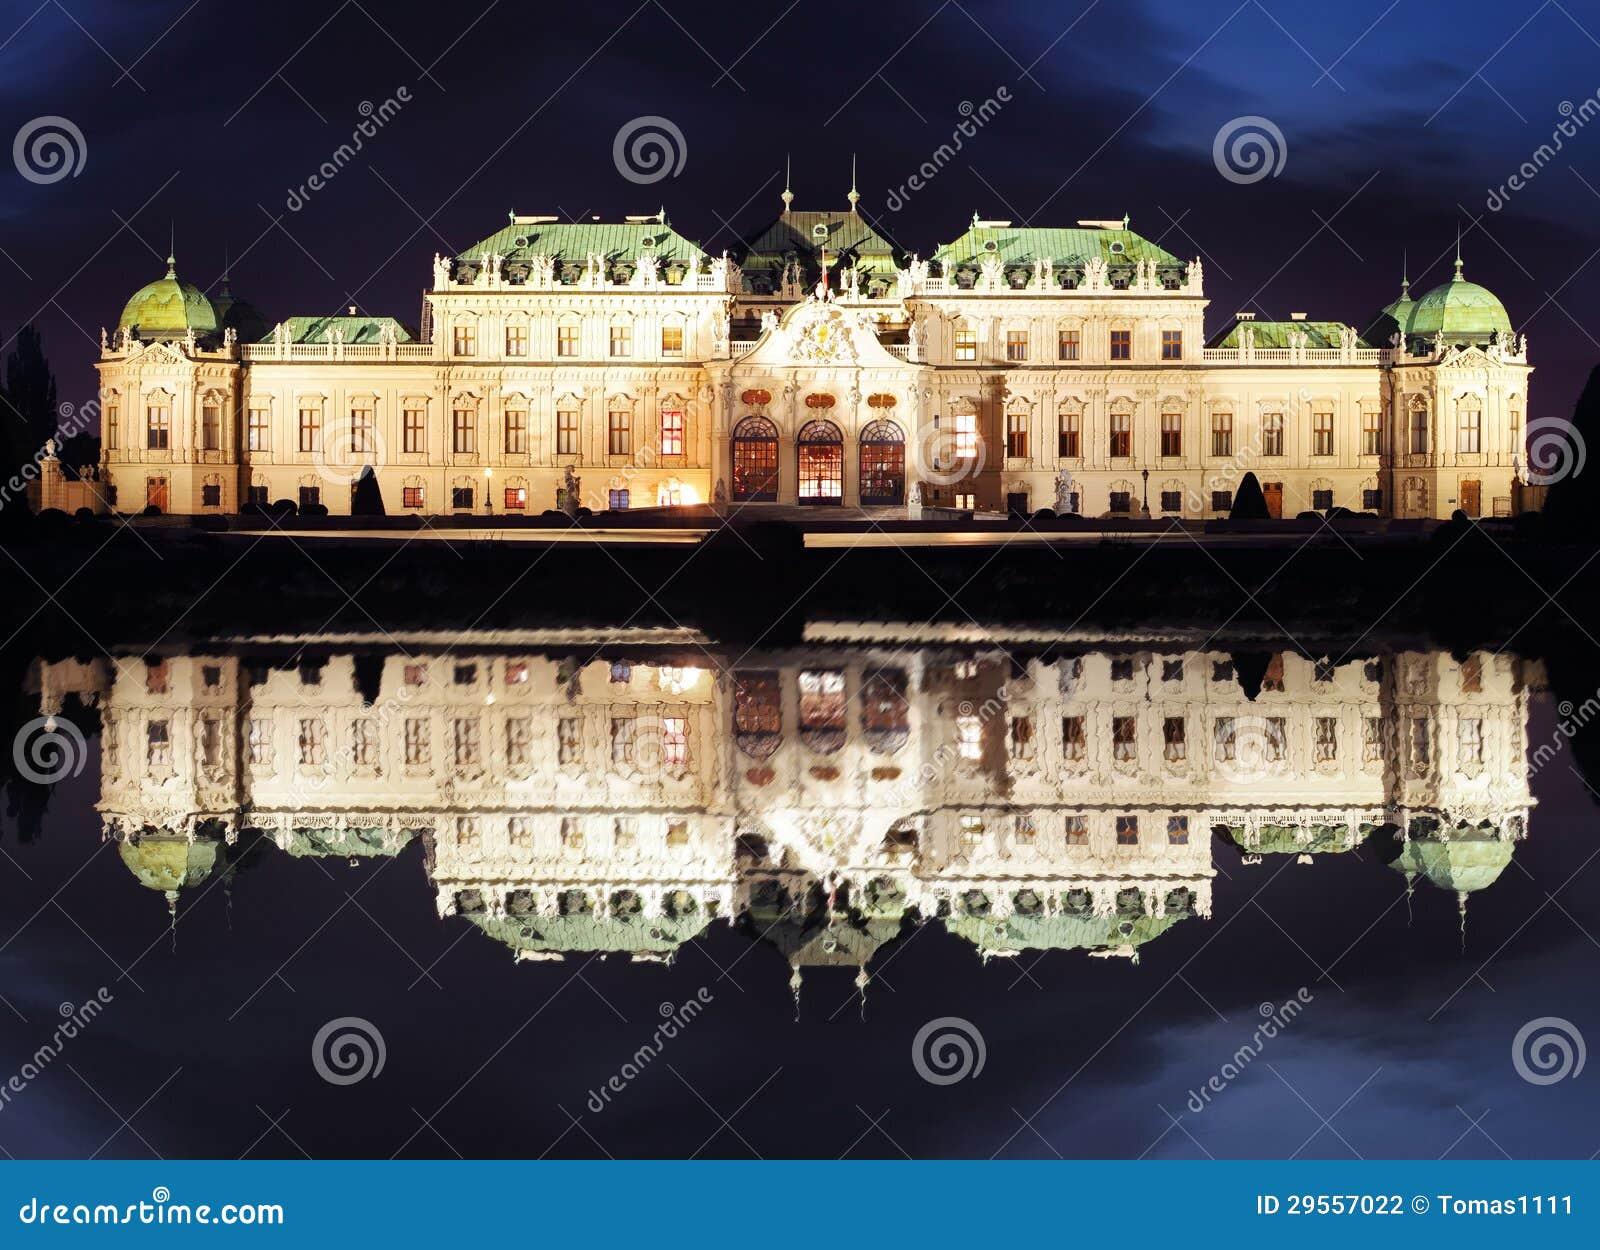 Vienne la nuit - palais de belvédère, Autriche